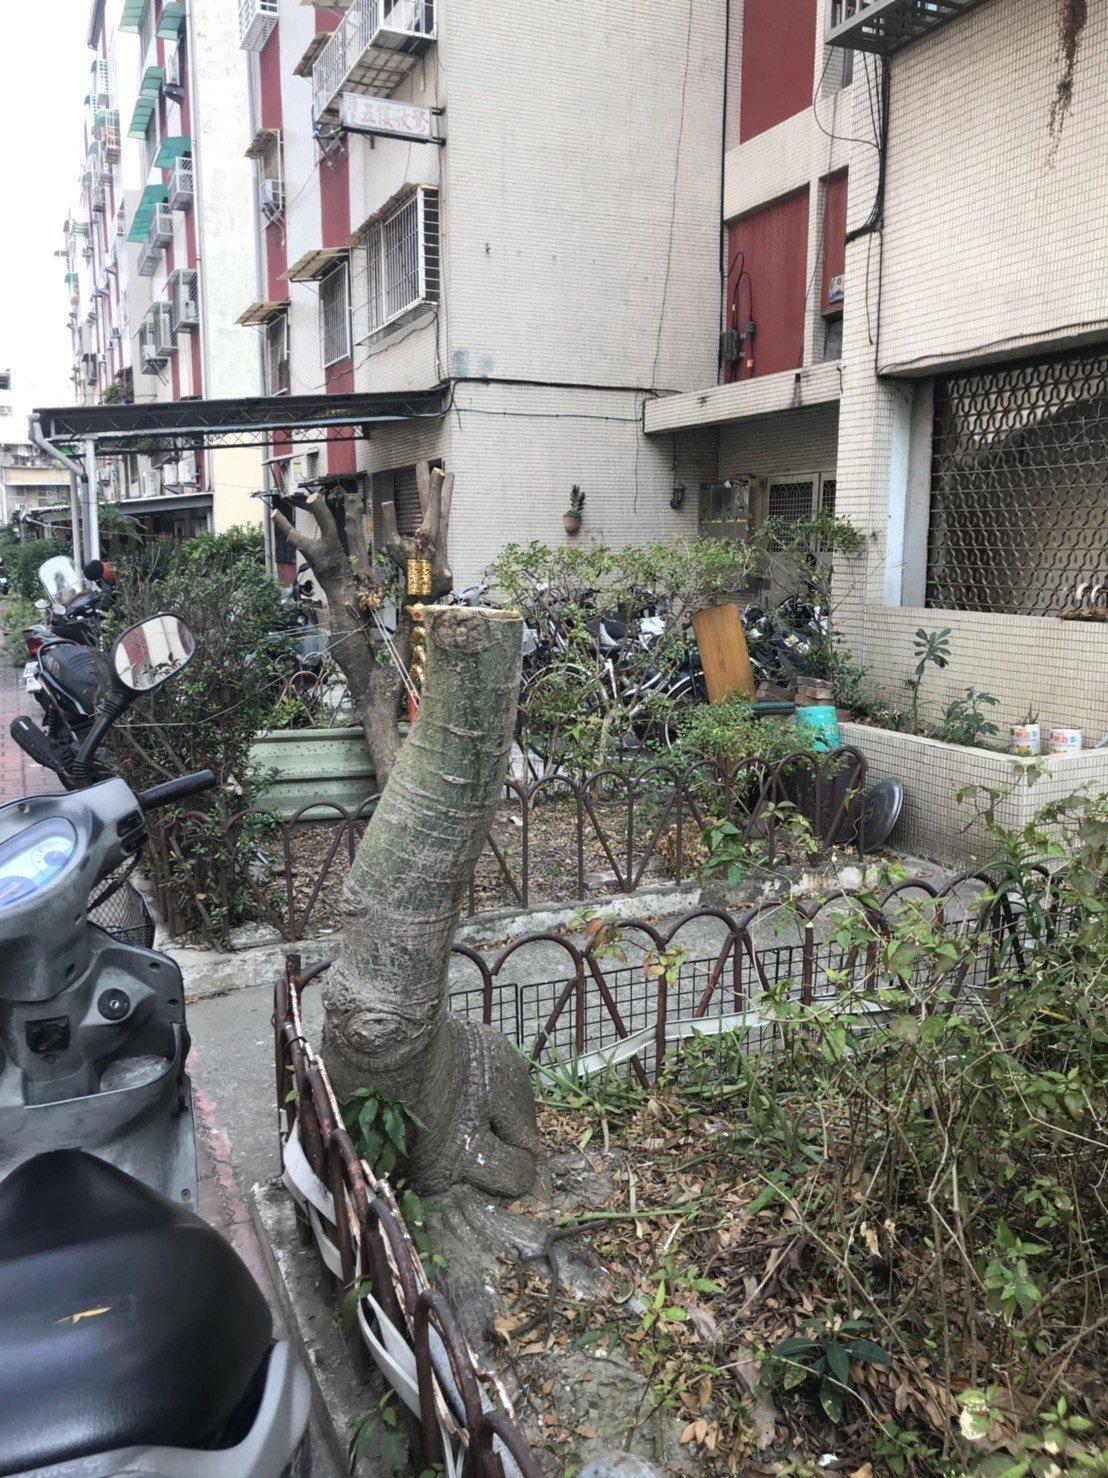 台南市東區衛國社區的路樹遭攔腰砍斷,居民議論紛紛 圖/取自網路